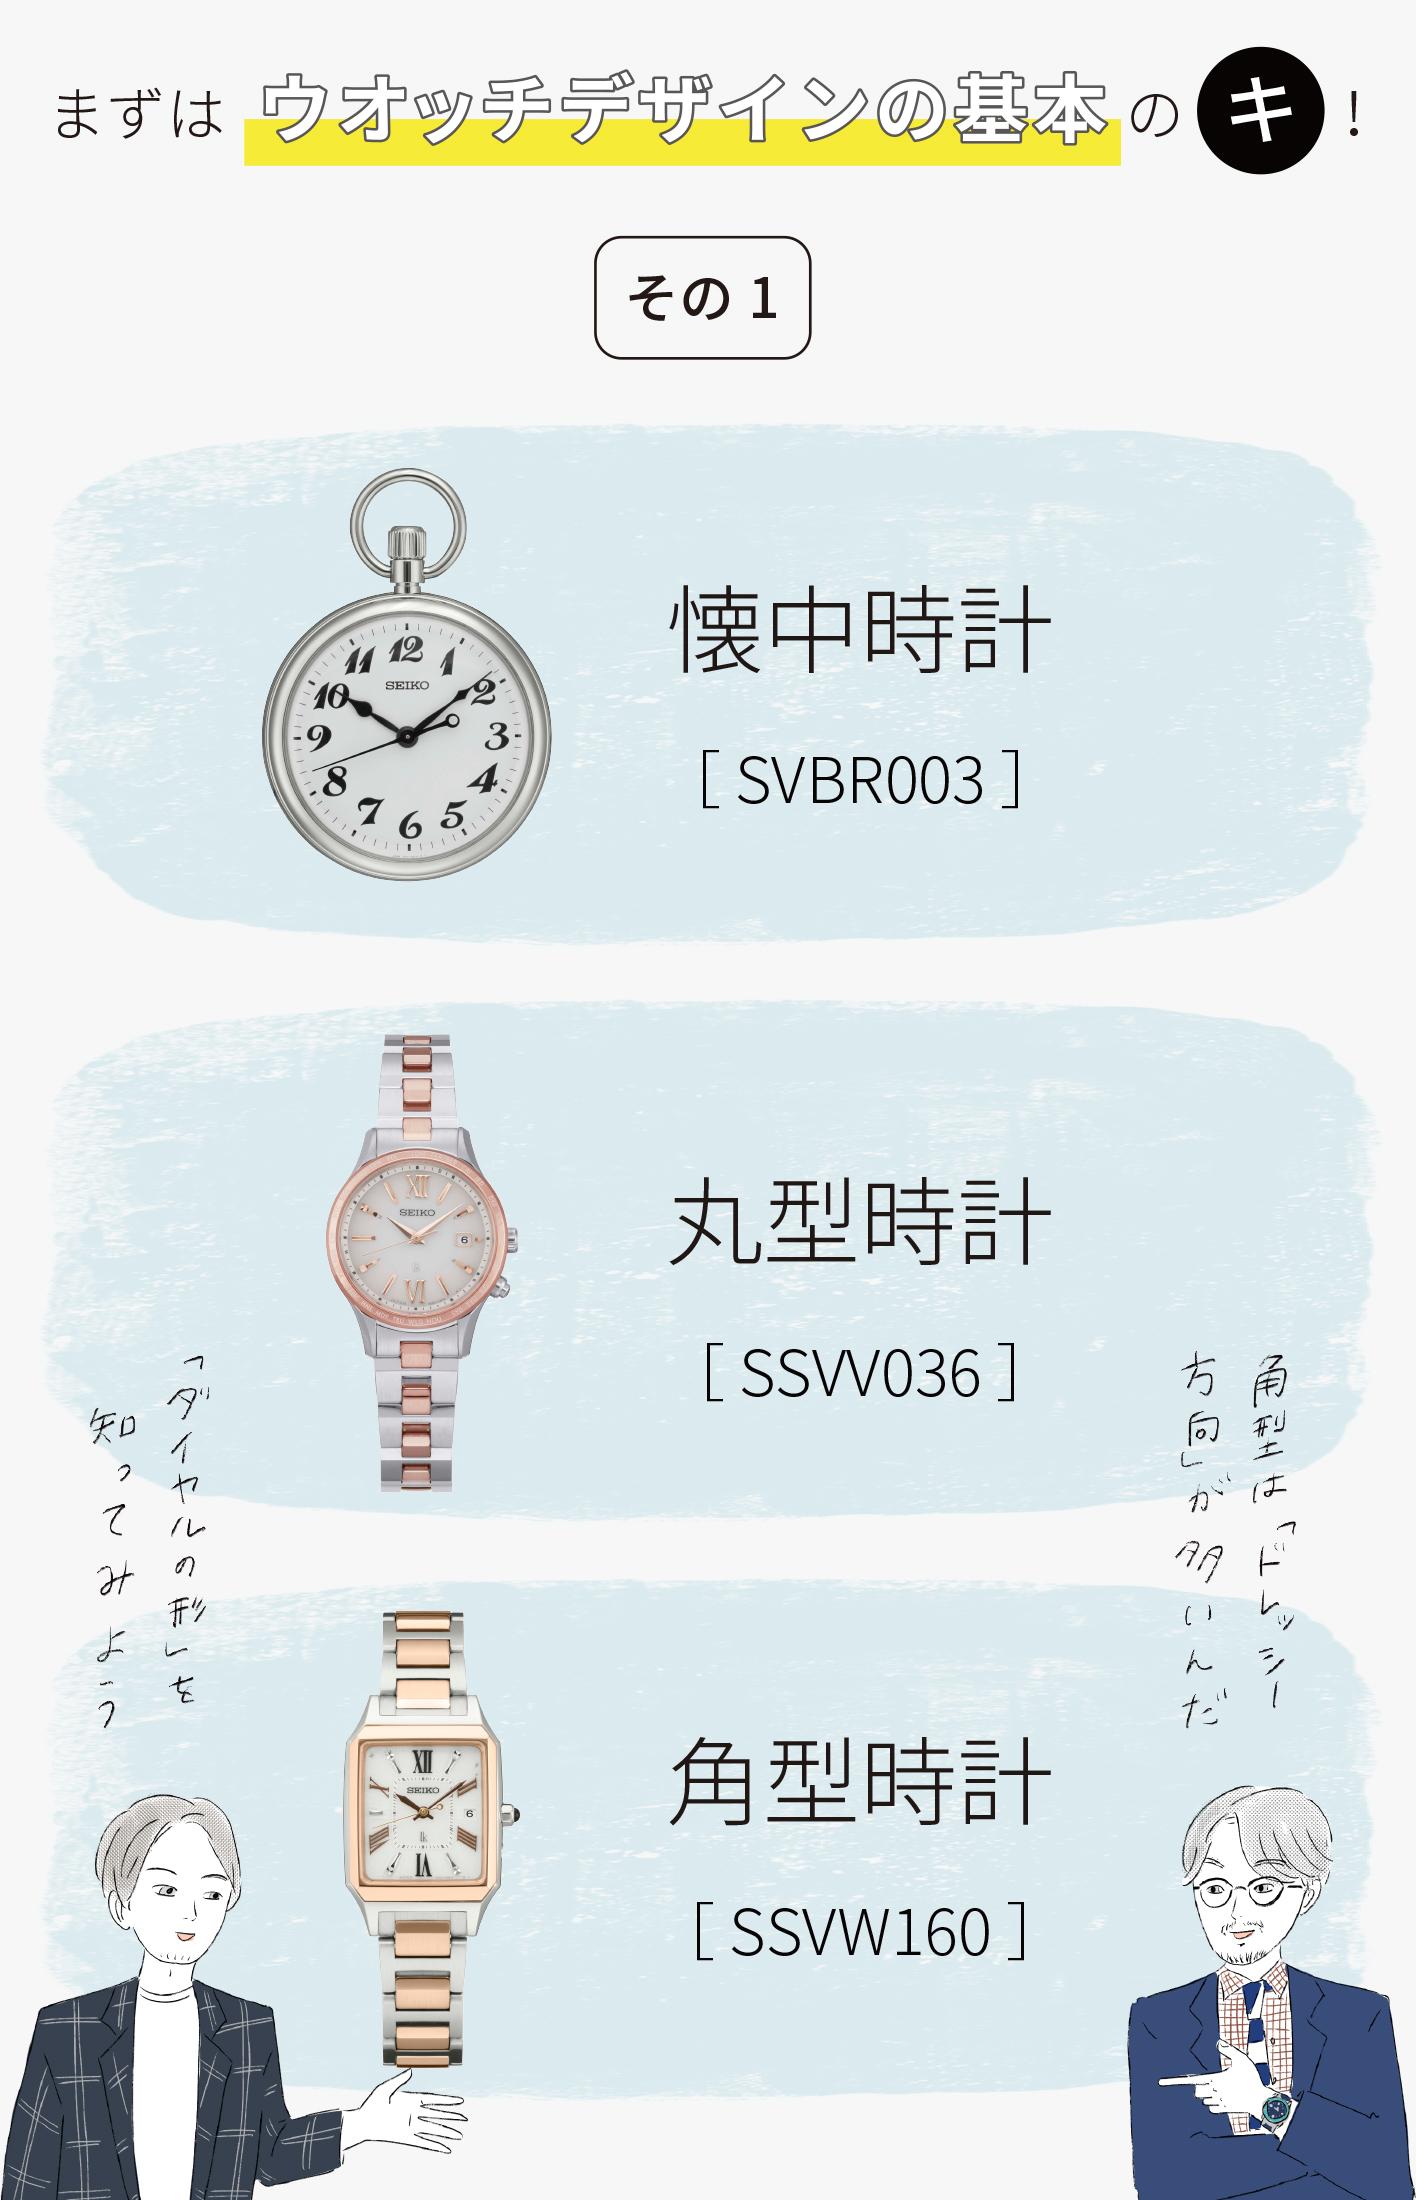 まずはウオッチデザインの基本のキ!その1/「ダイヤルの形」を知ってみよう/懐中時計[SVBR003]、丸型時計[SSVV36]、角型時計[SSVW160]/角型は「ドレッシー方向」が多いんだ